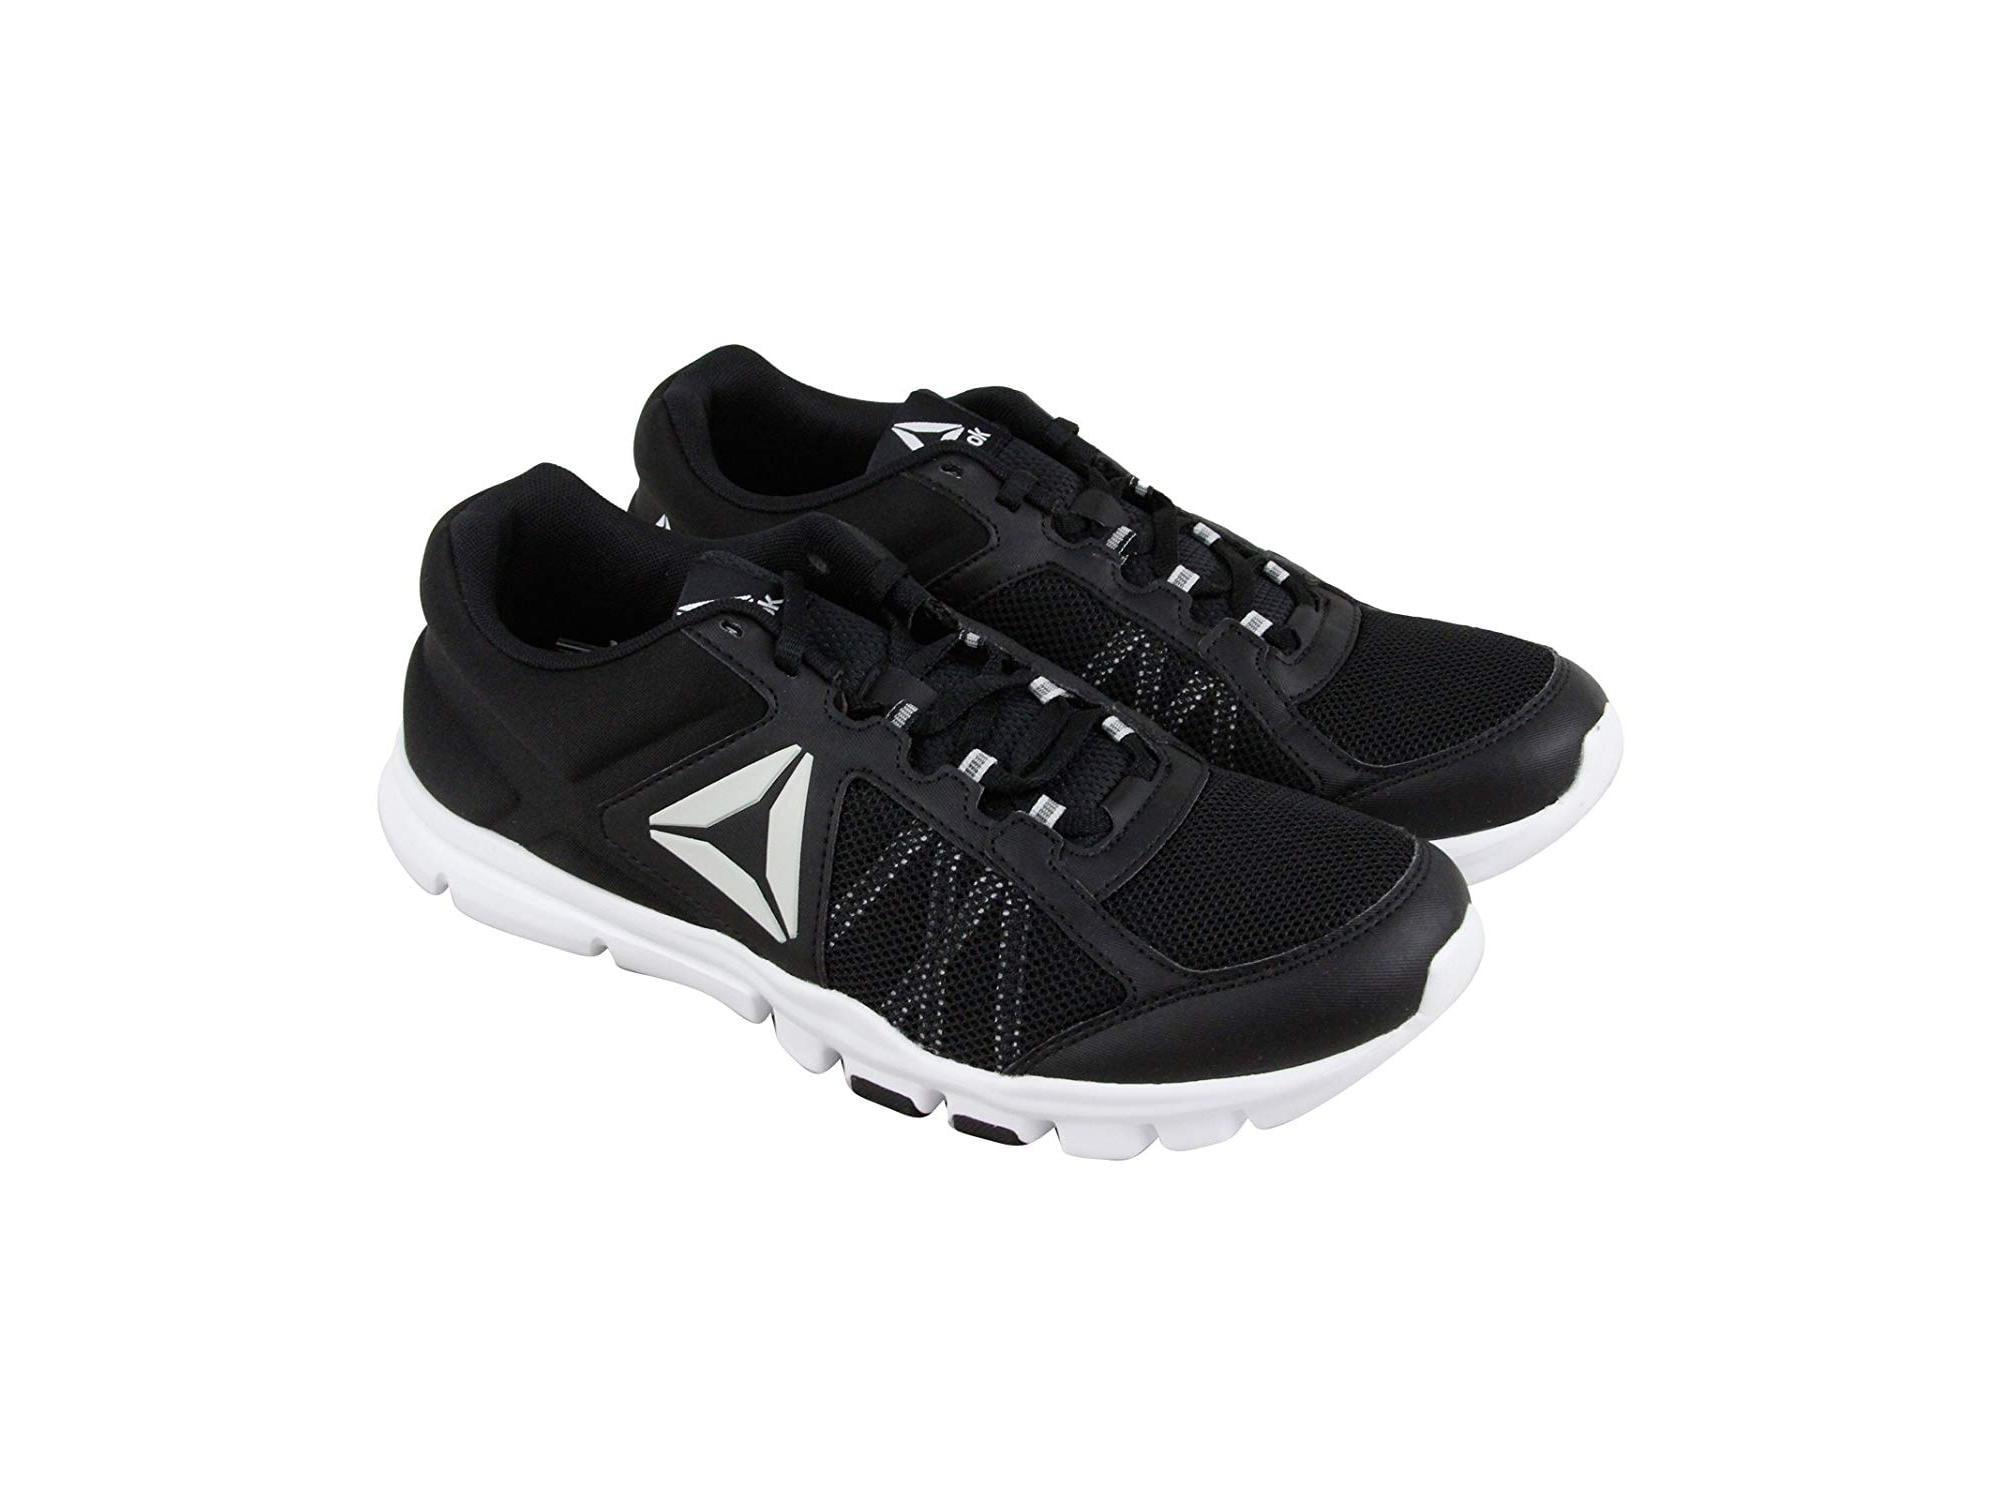 33e6a0f239c3 Reebok Men s YourFlex Train 7.0 LMT Cross-Training Shoe